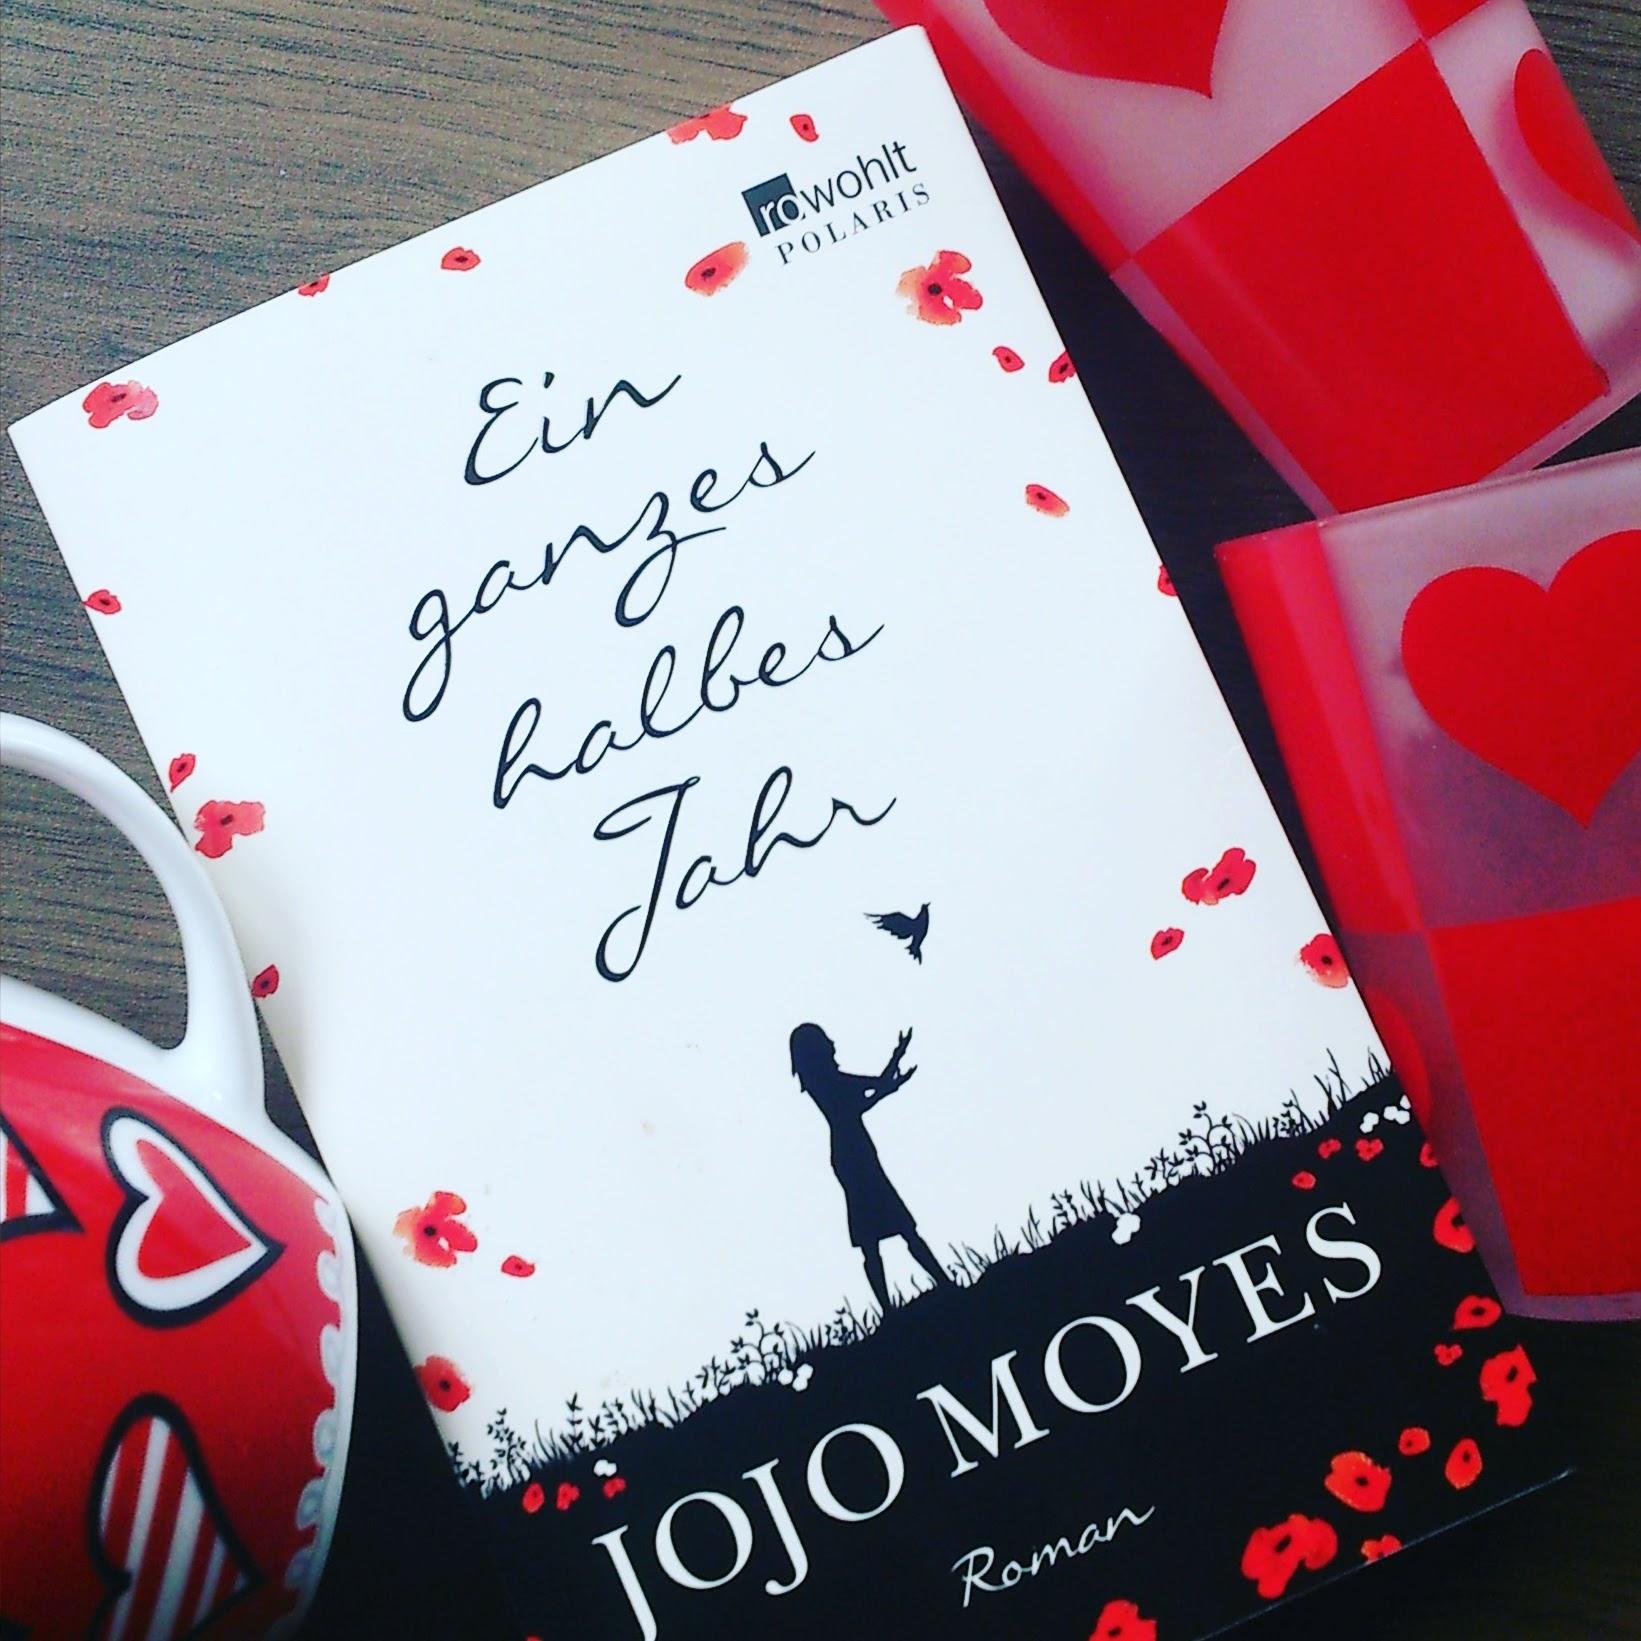 Ein ganzes halbes Jahr – Jojo Moyes